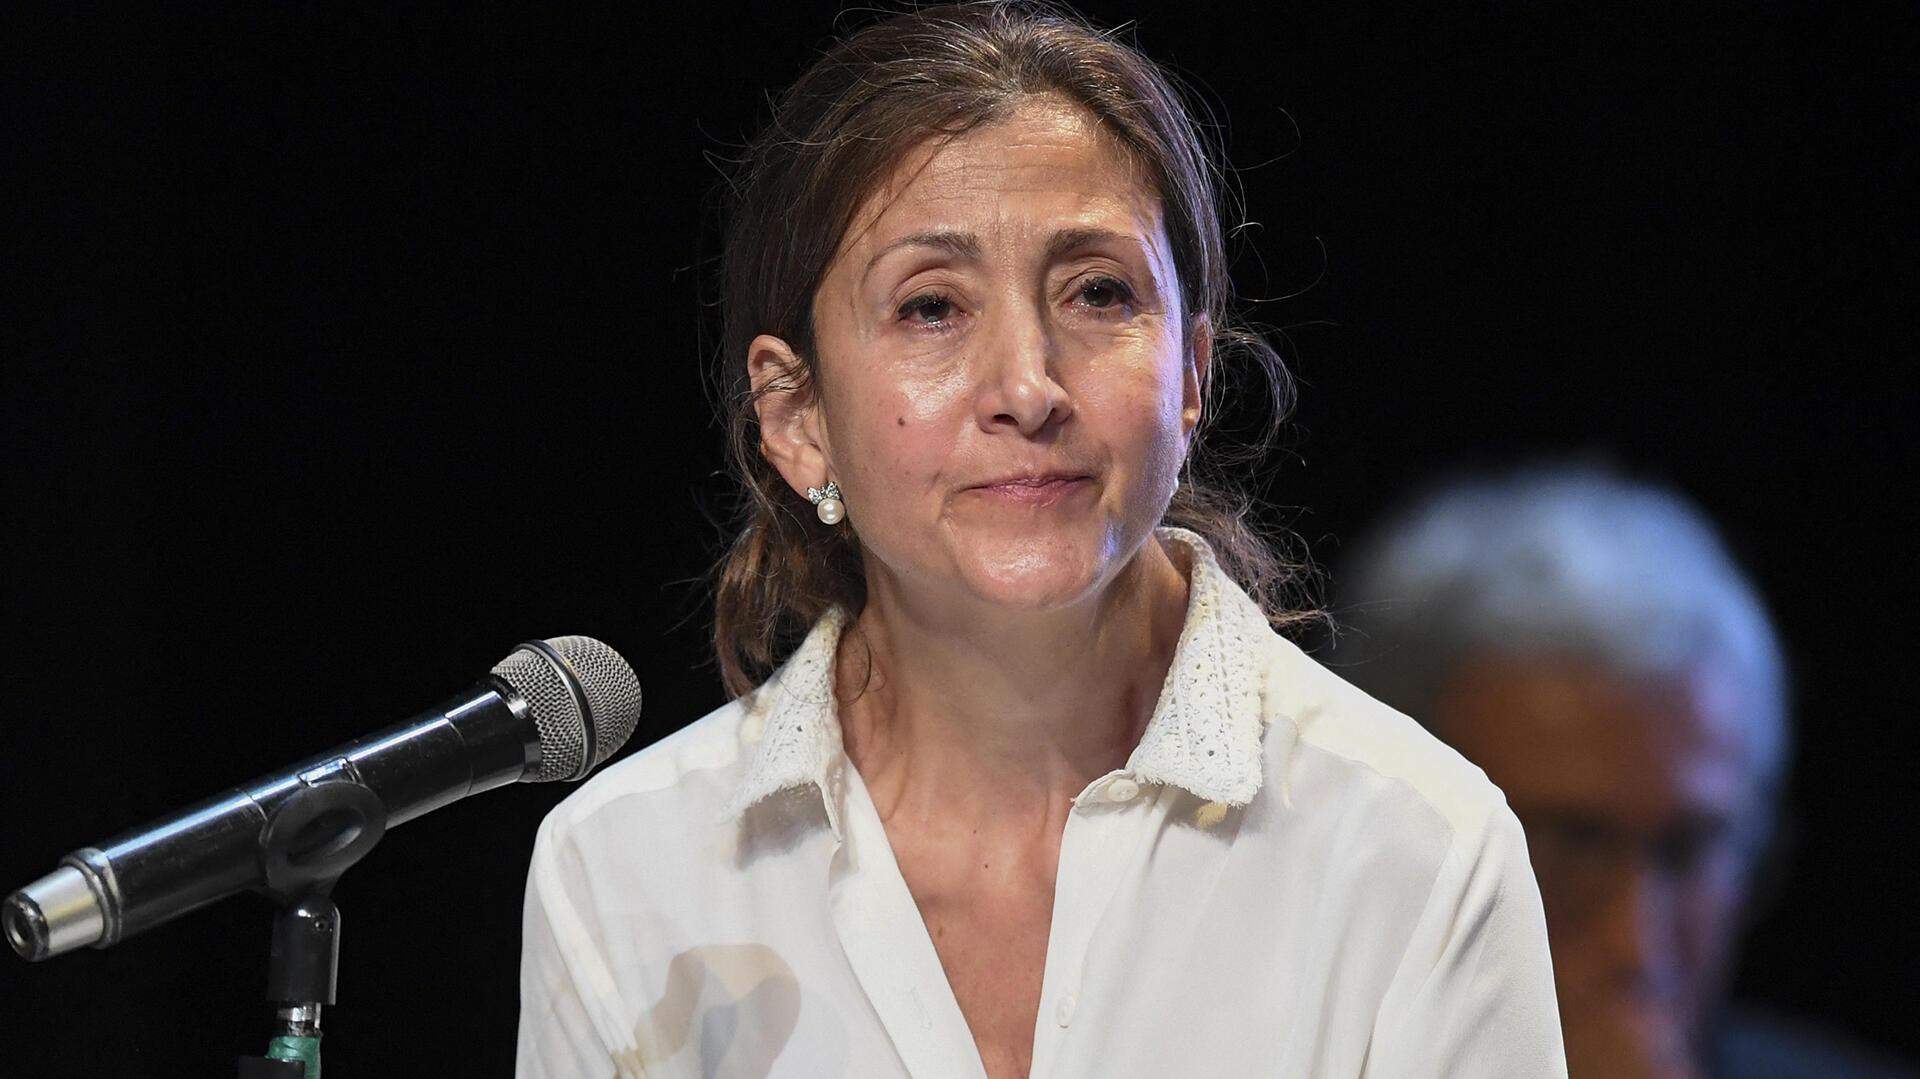 Ingrid Betancourt - Franco-Colombienne - 23 juin 2021 - AFP - 000_9CZ3TQ